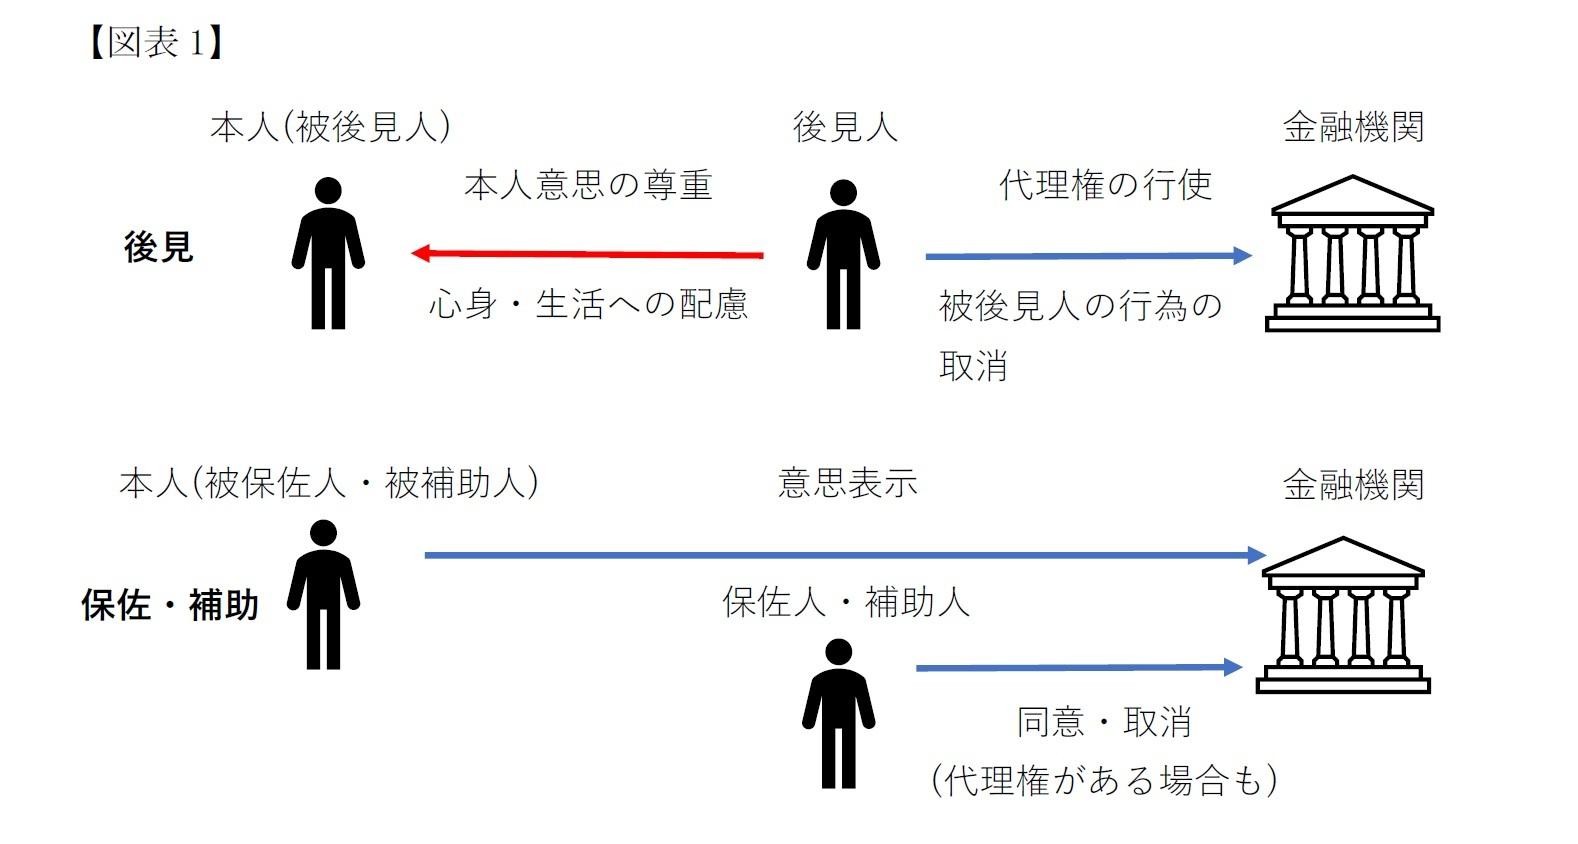 【図表1】後見と保佐・補助のイメージ